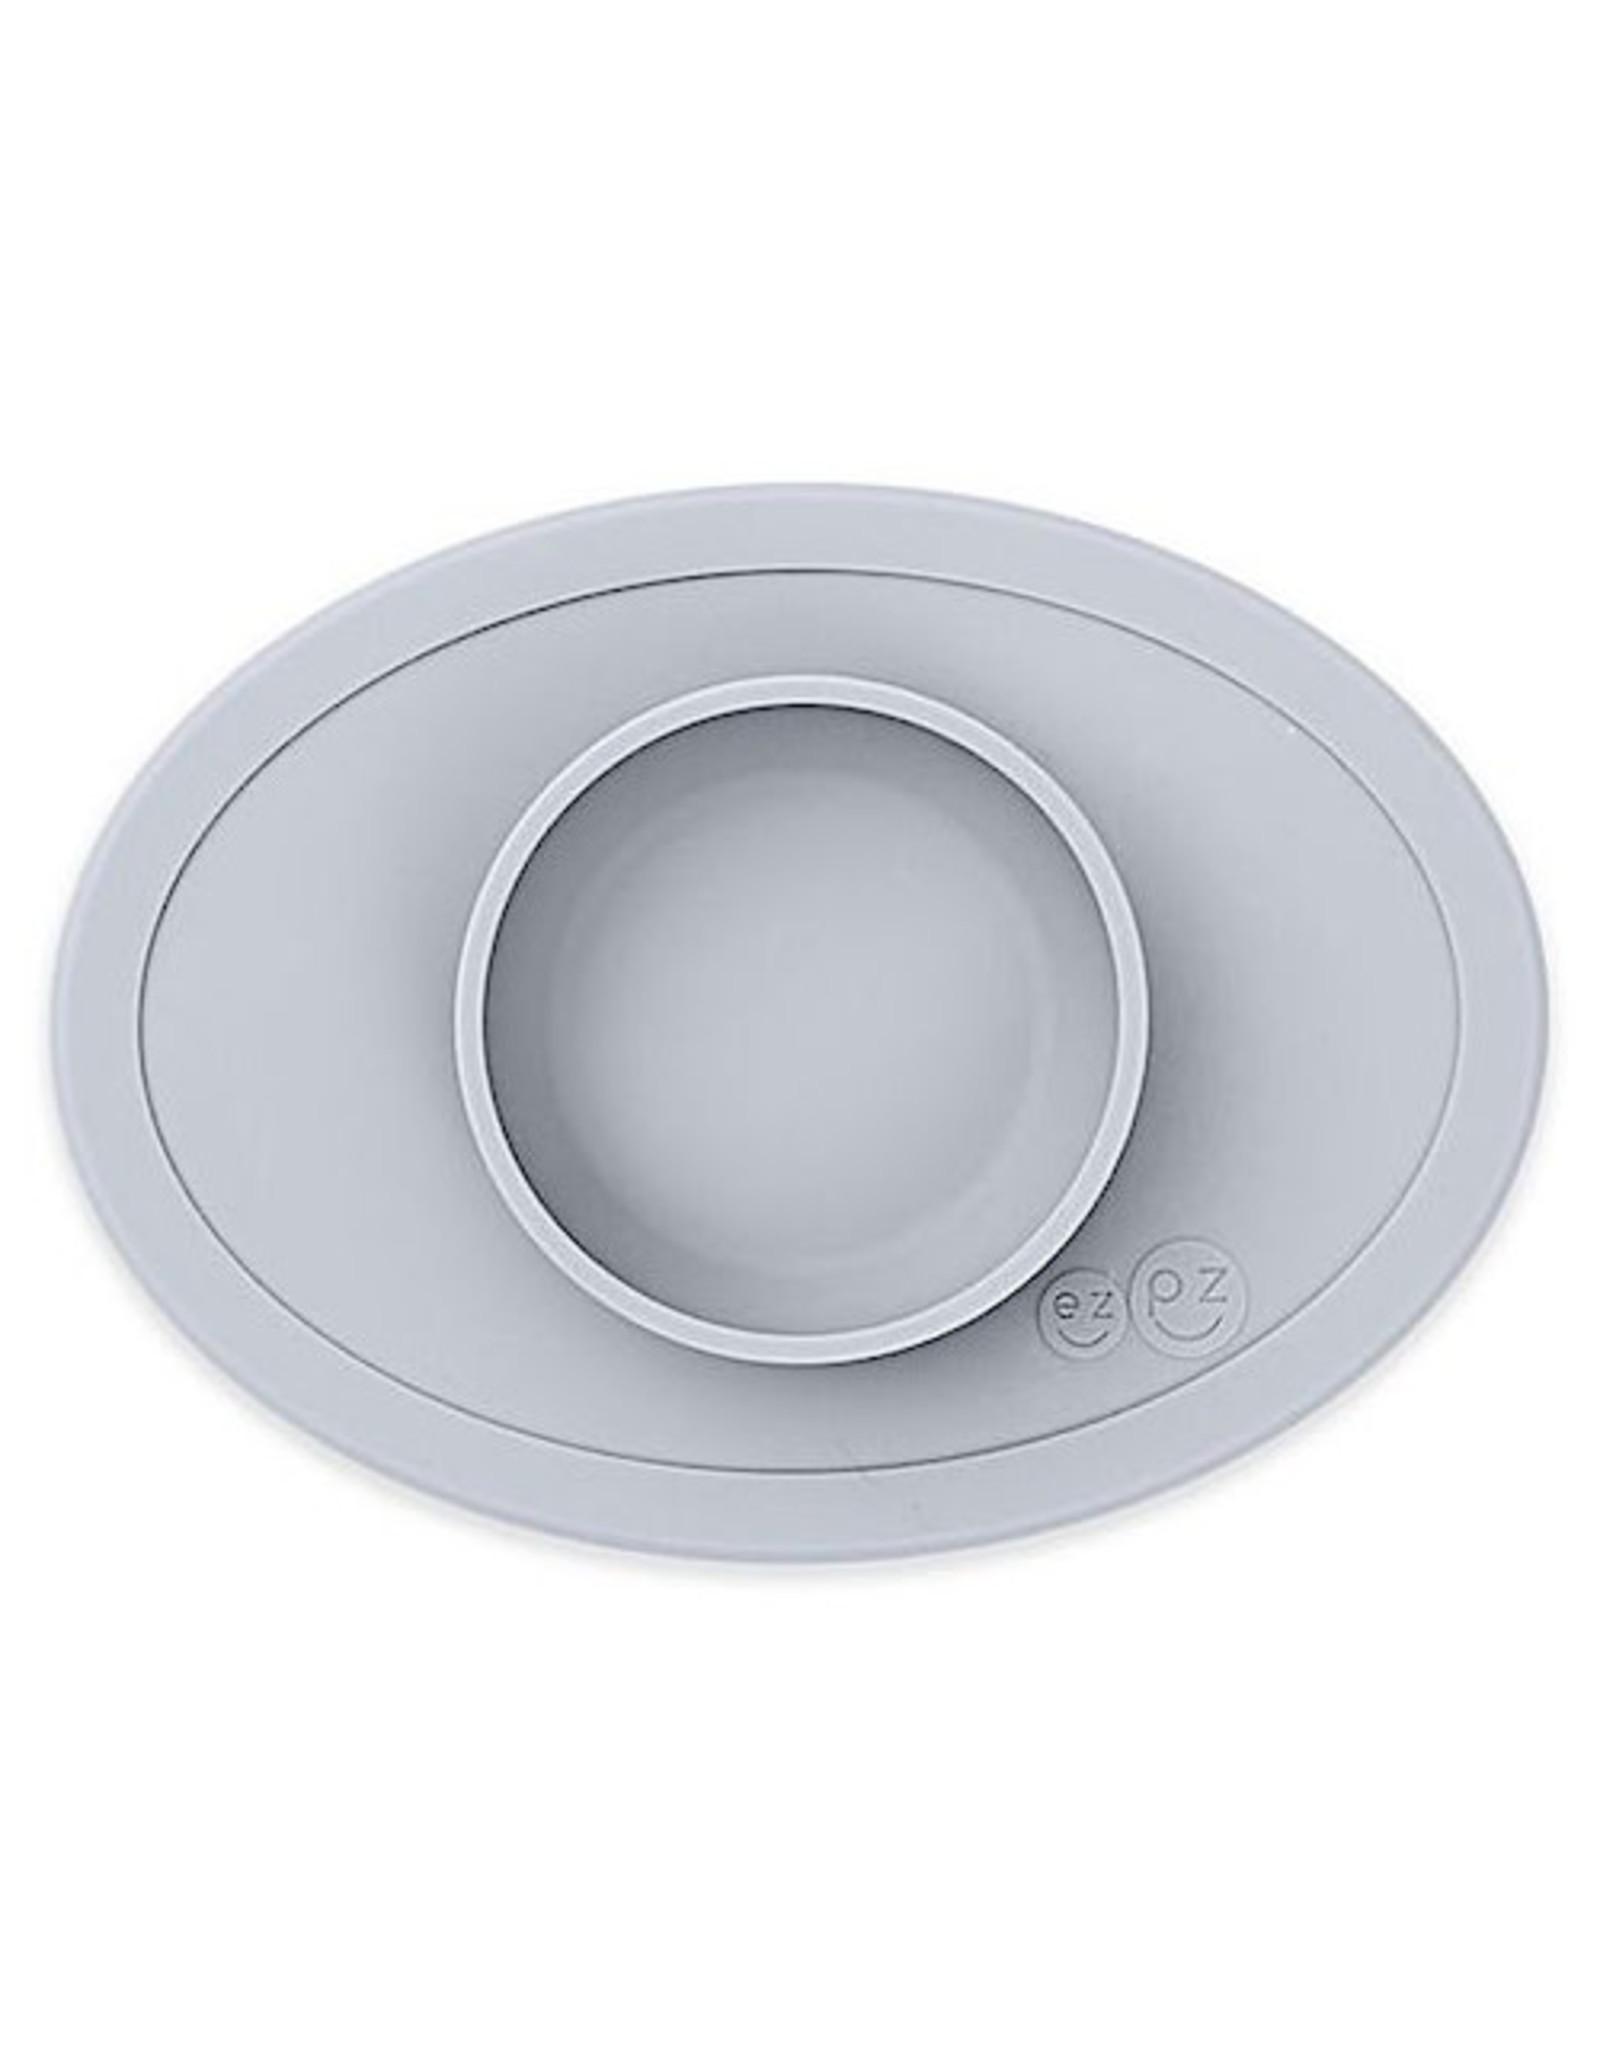 EZPZ Tiny-bowl